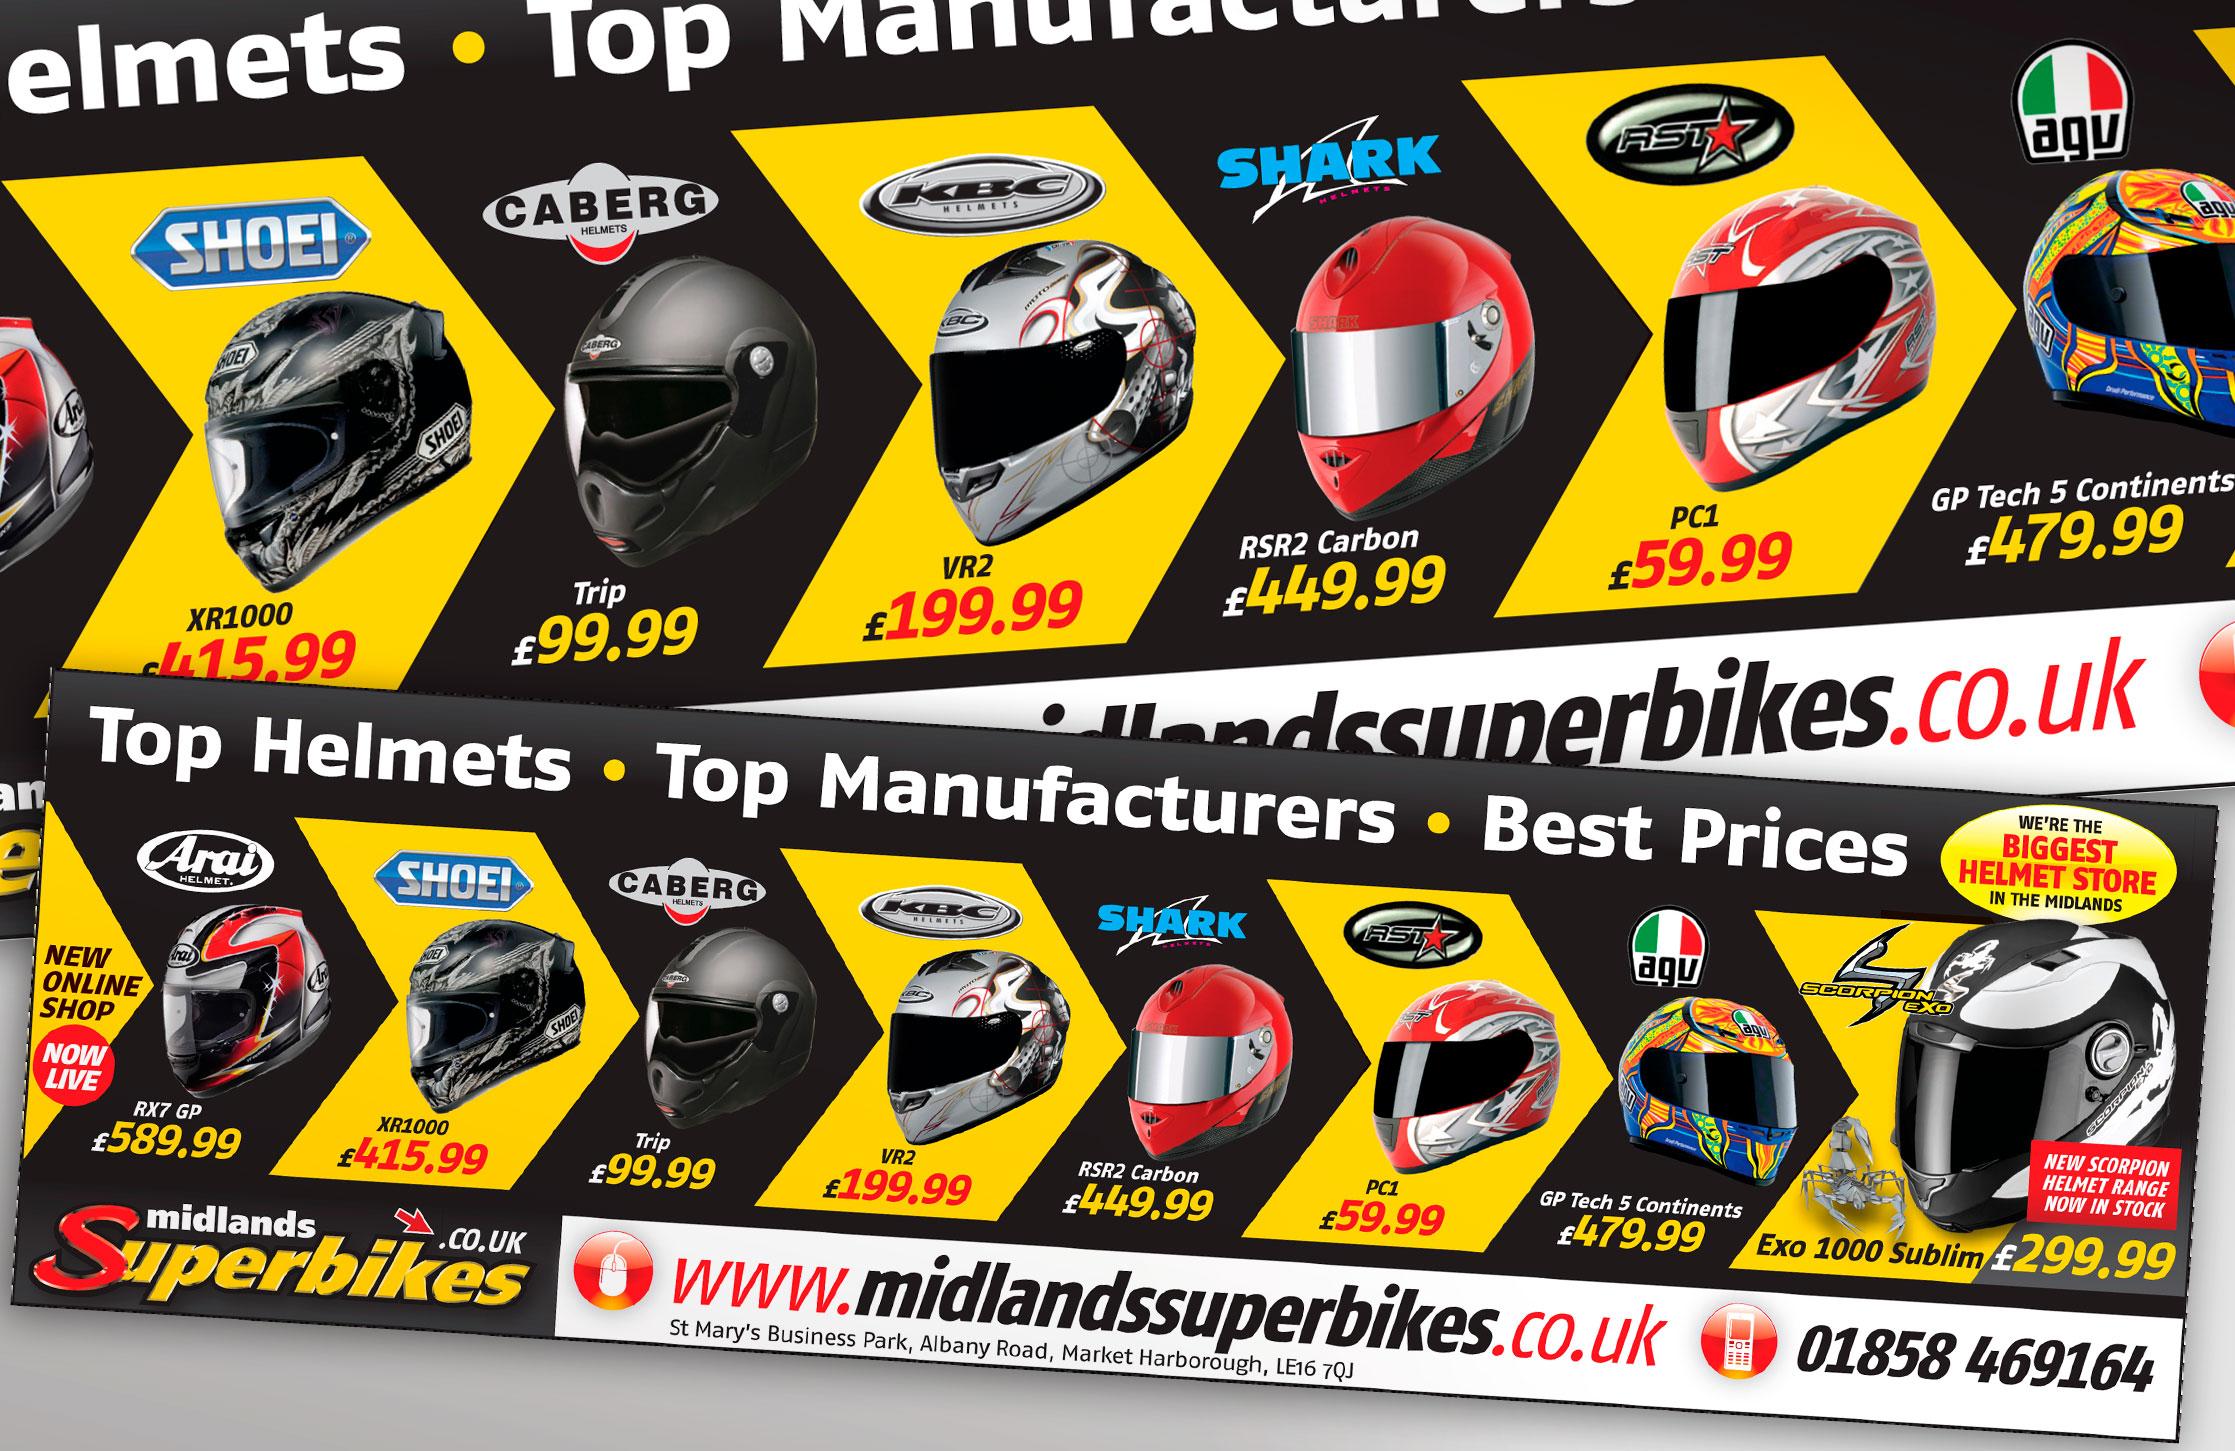 Midland Superbikes Advert